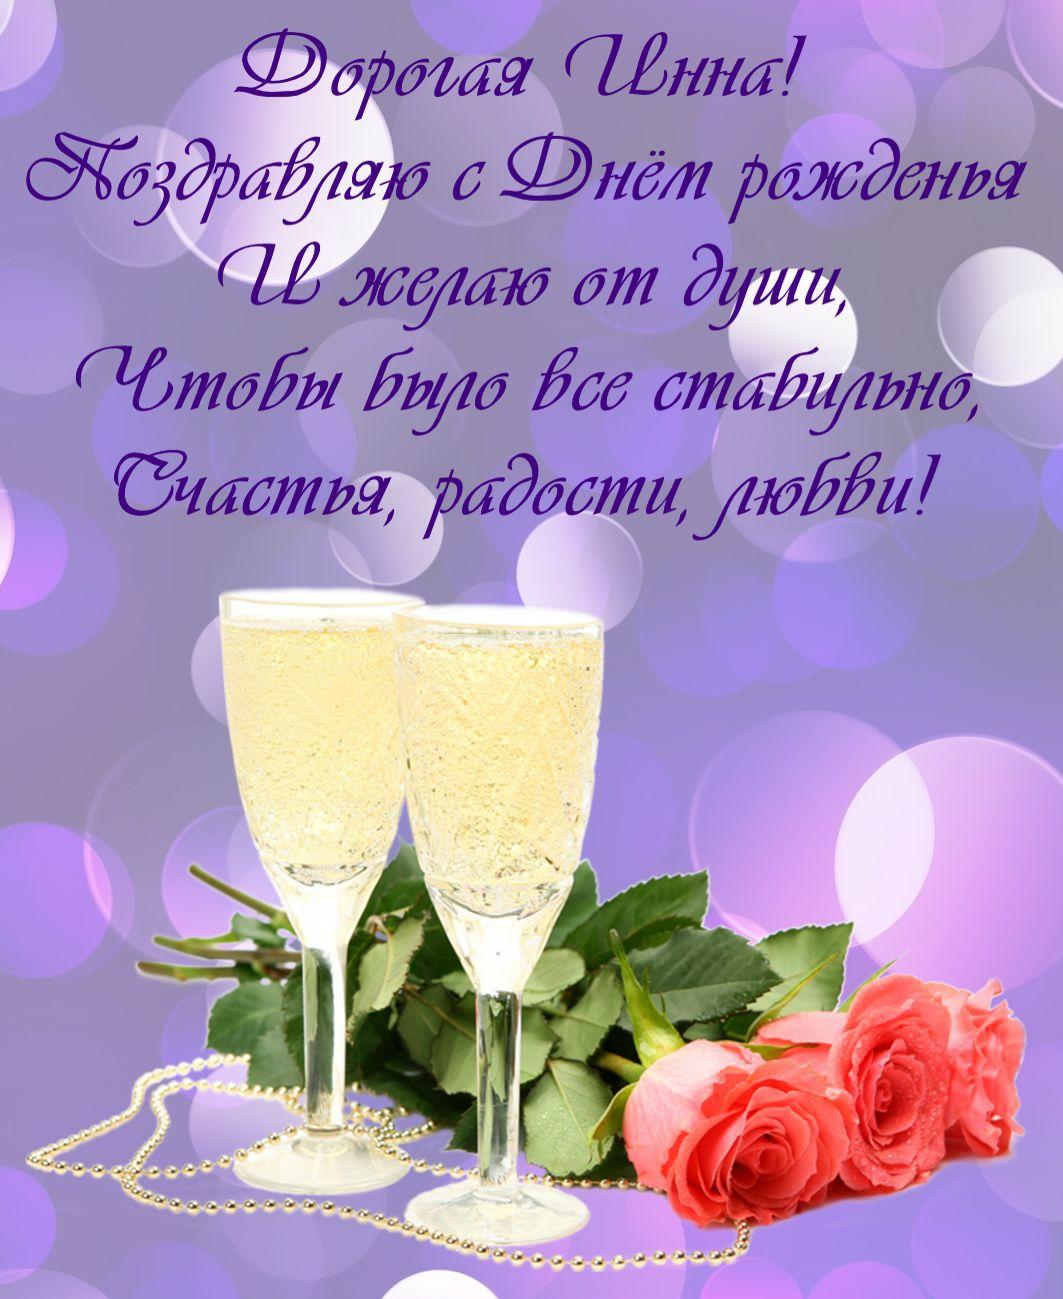 Открытка на День рождения Инне - поздравление с цветами и шампанским